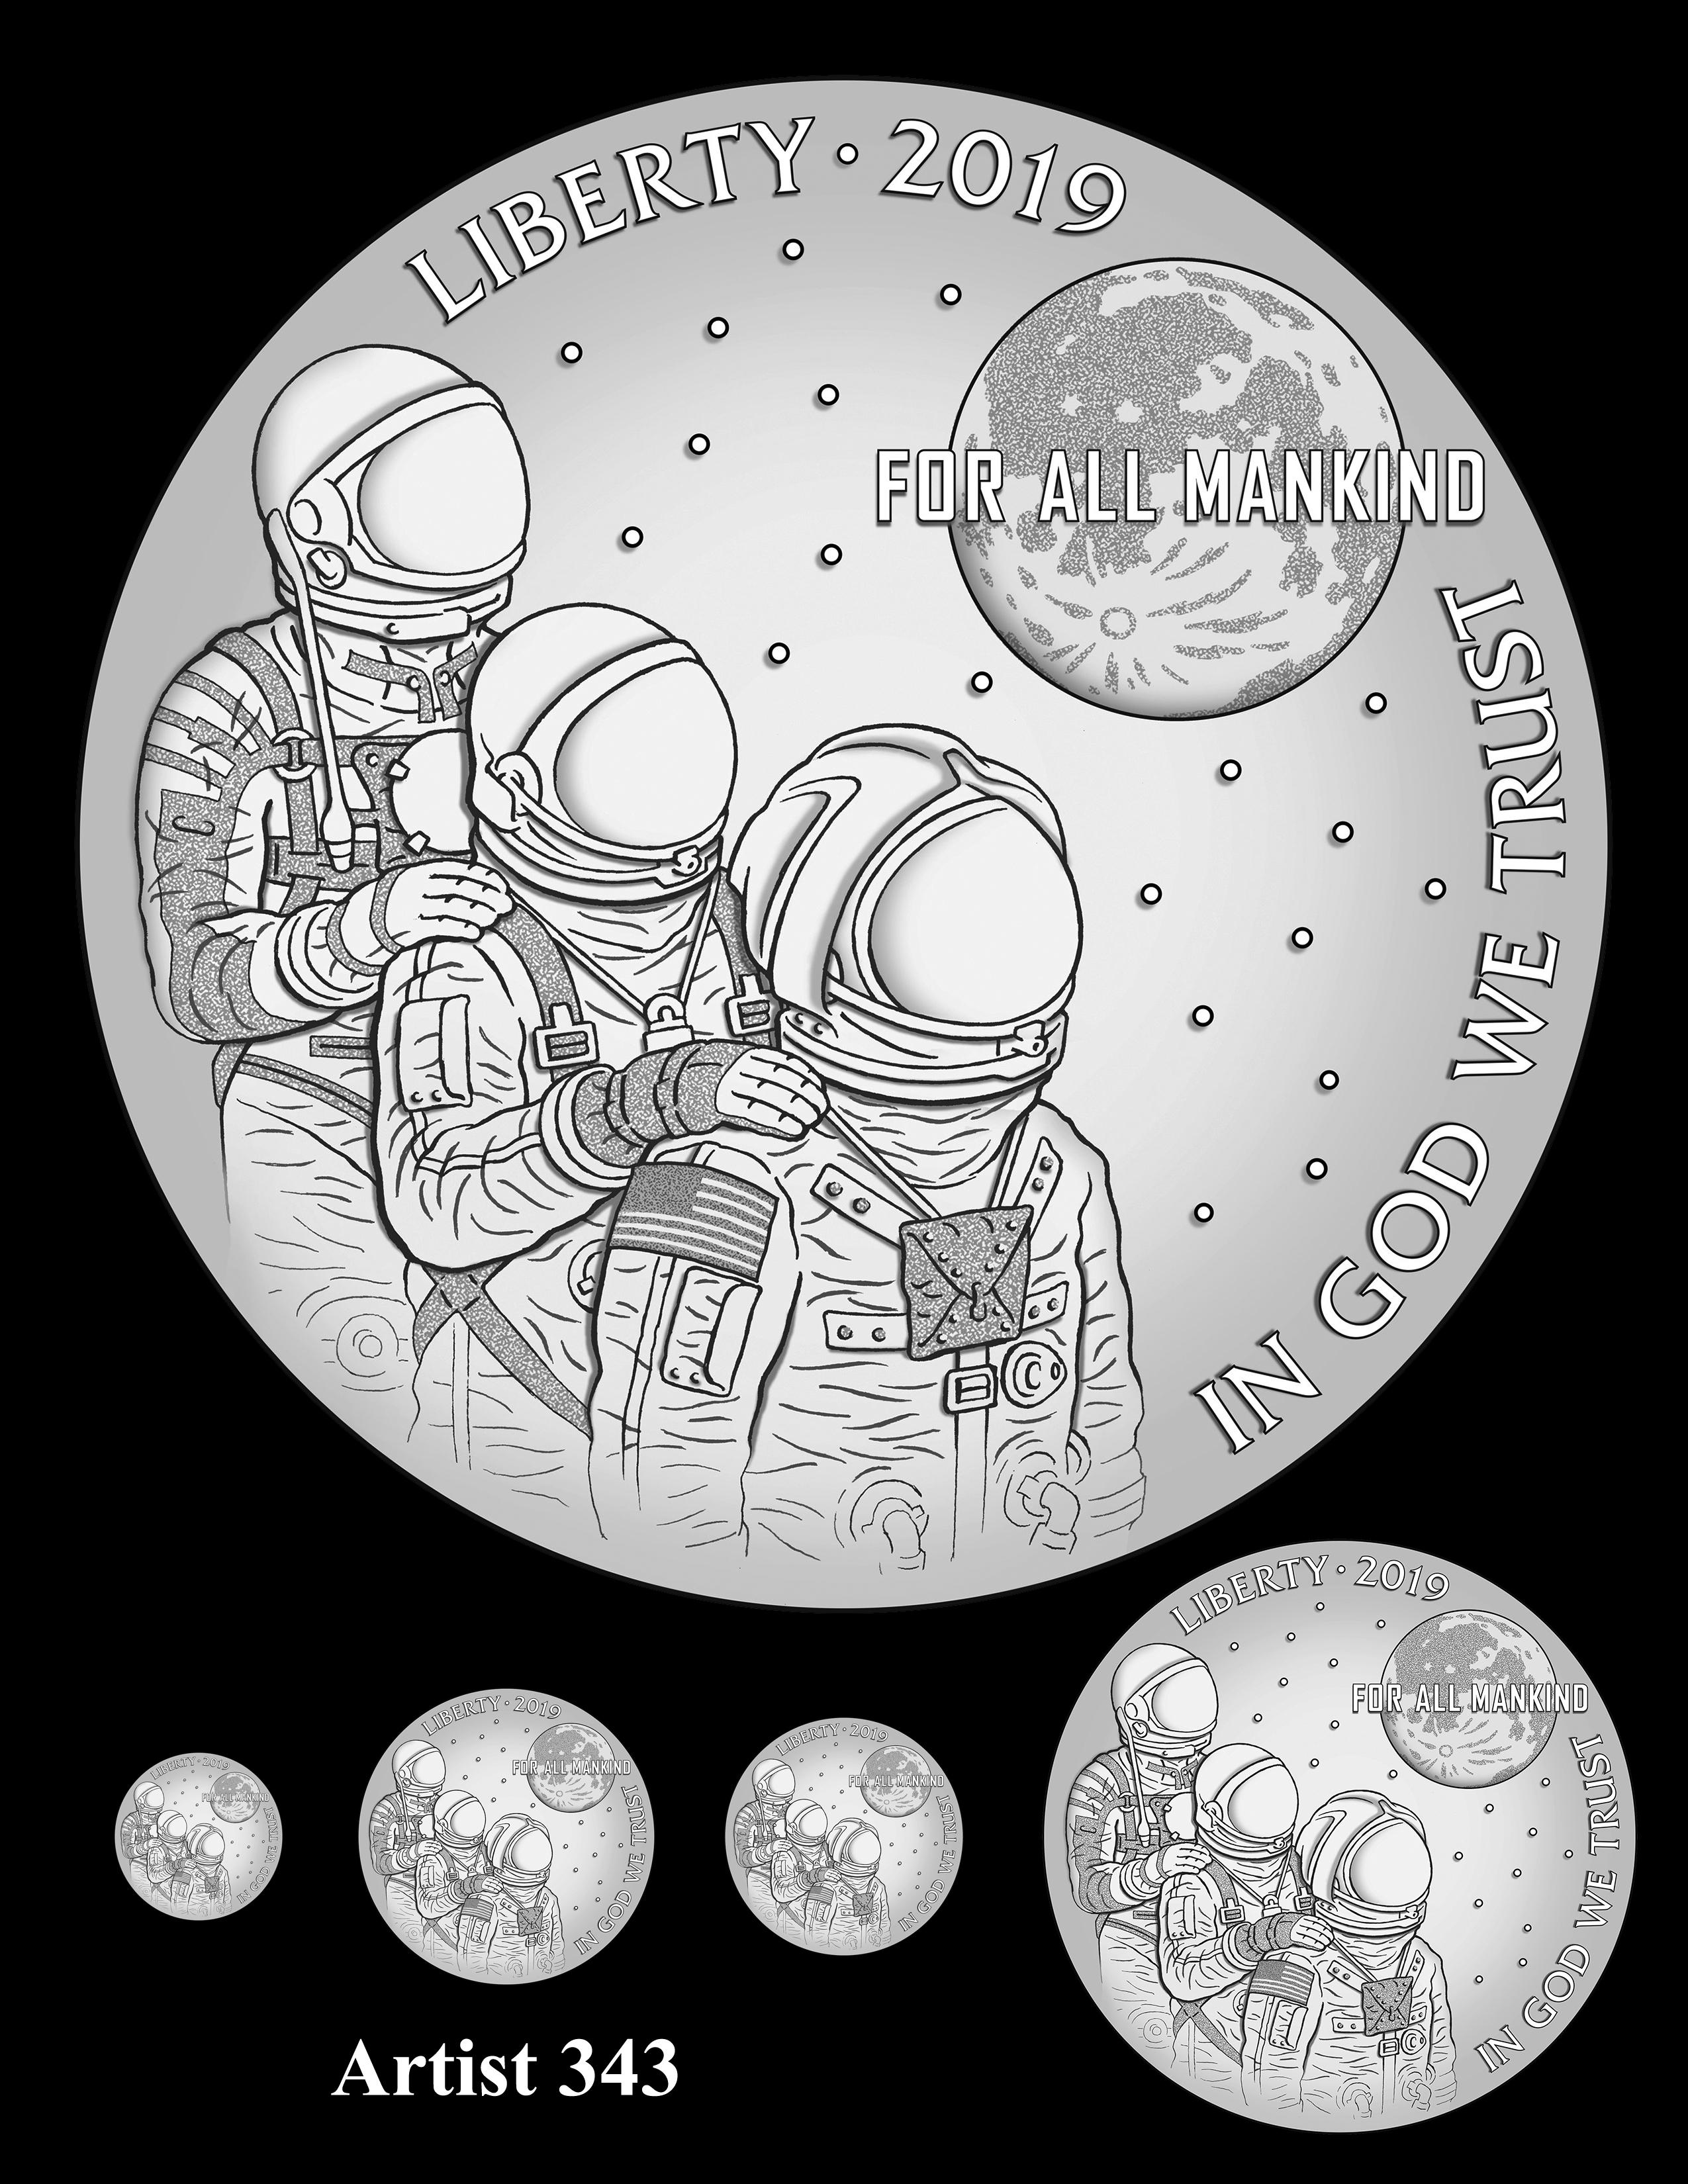 Artist 343 -- Apollo 11 50th Anniversary Commemorative Coin Obverse Design Competition